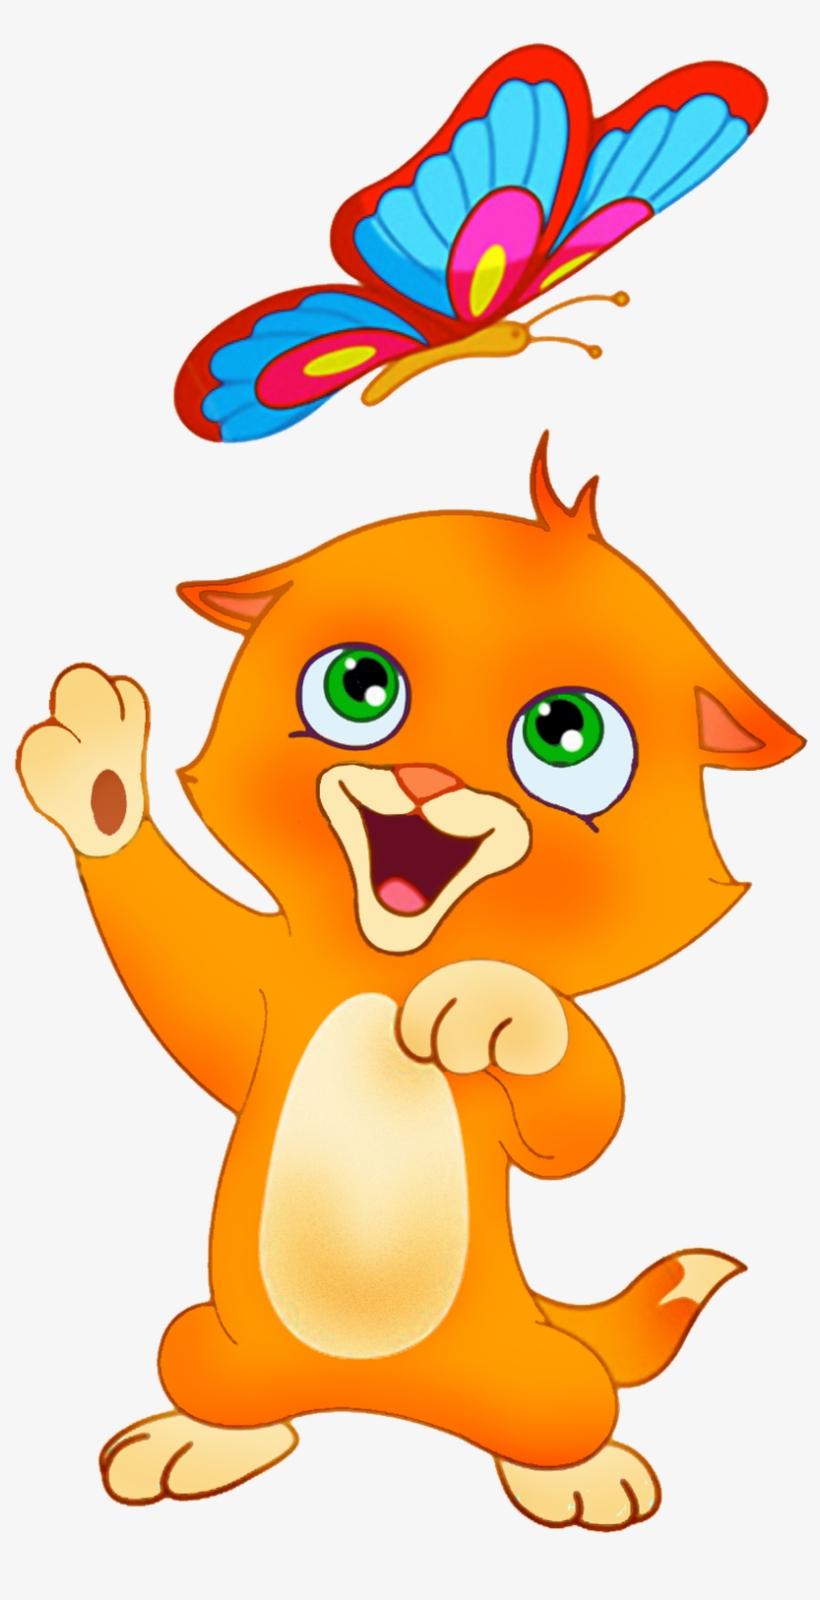 Dibujos Gatos Png Gatos Dibujo A Color Free Transparent Png